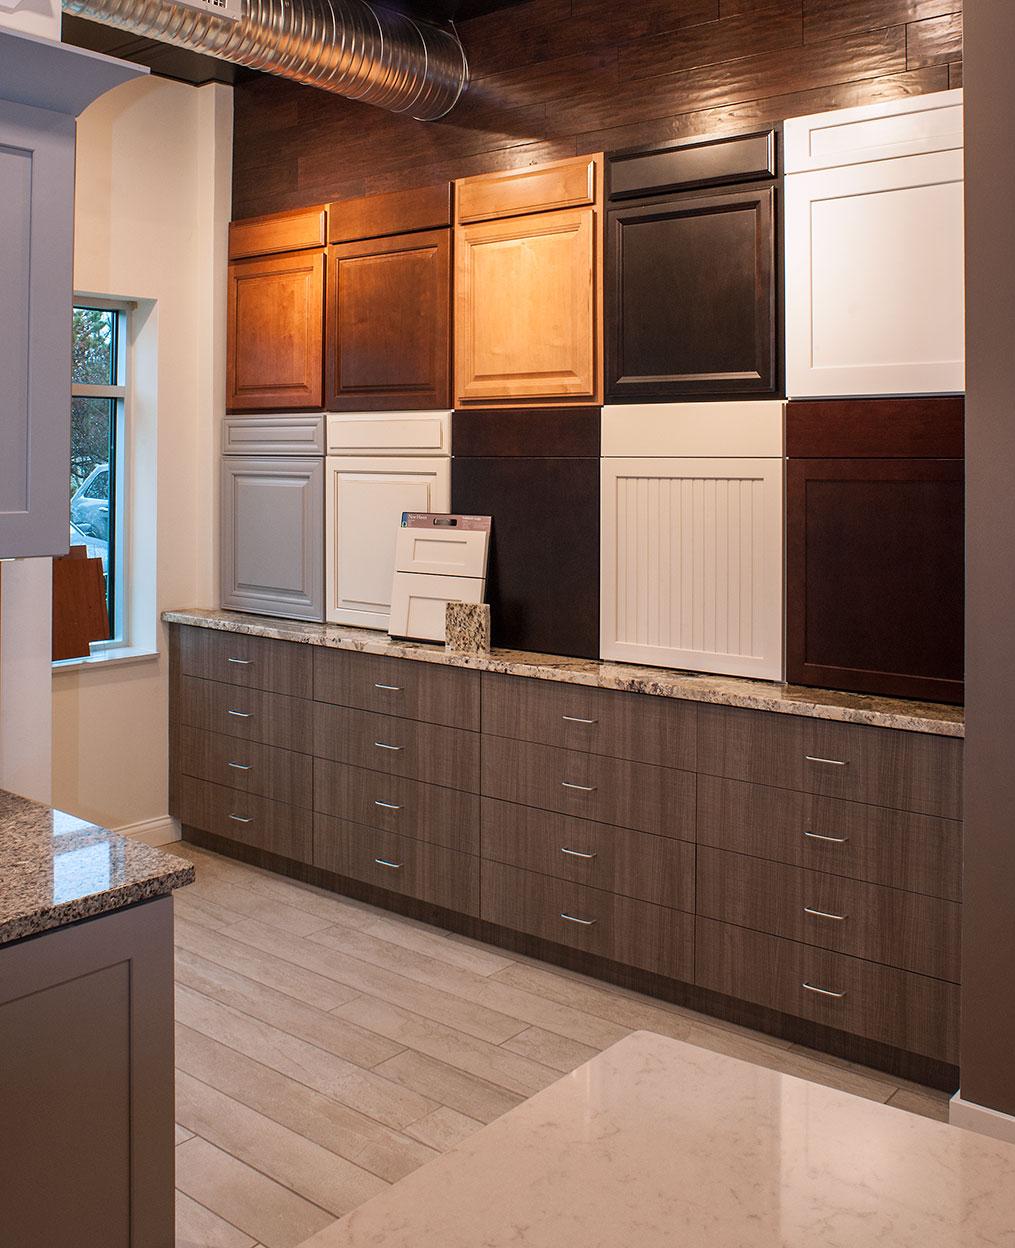 Drees homes austin design center   Home design